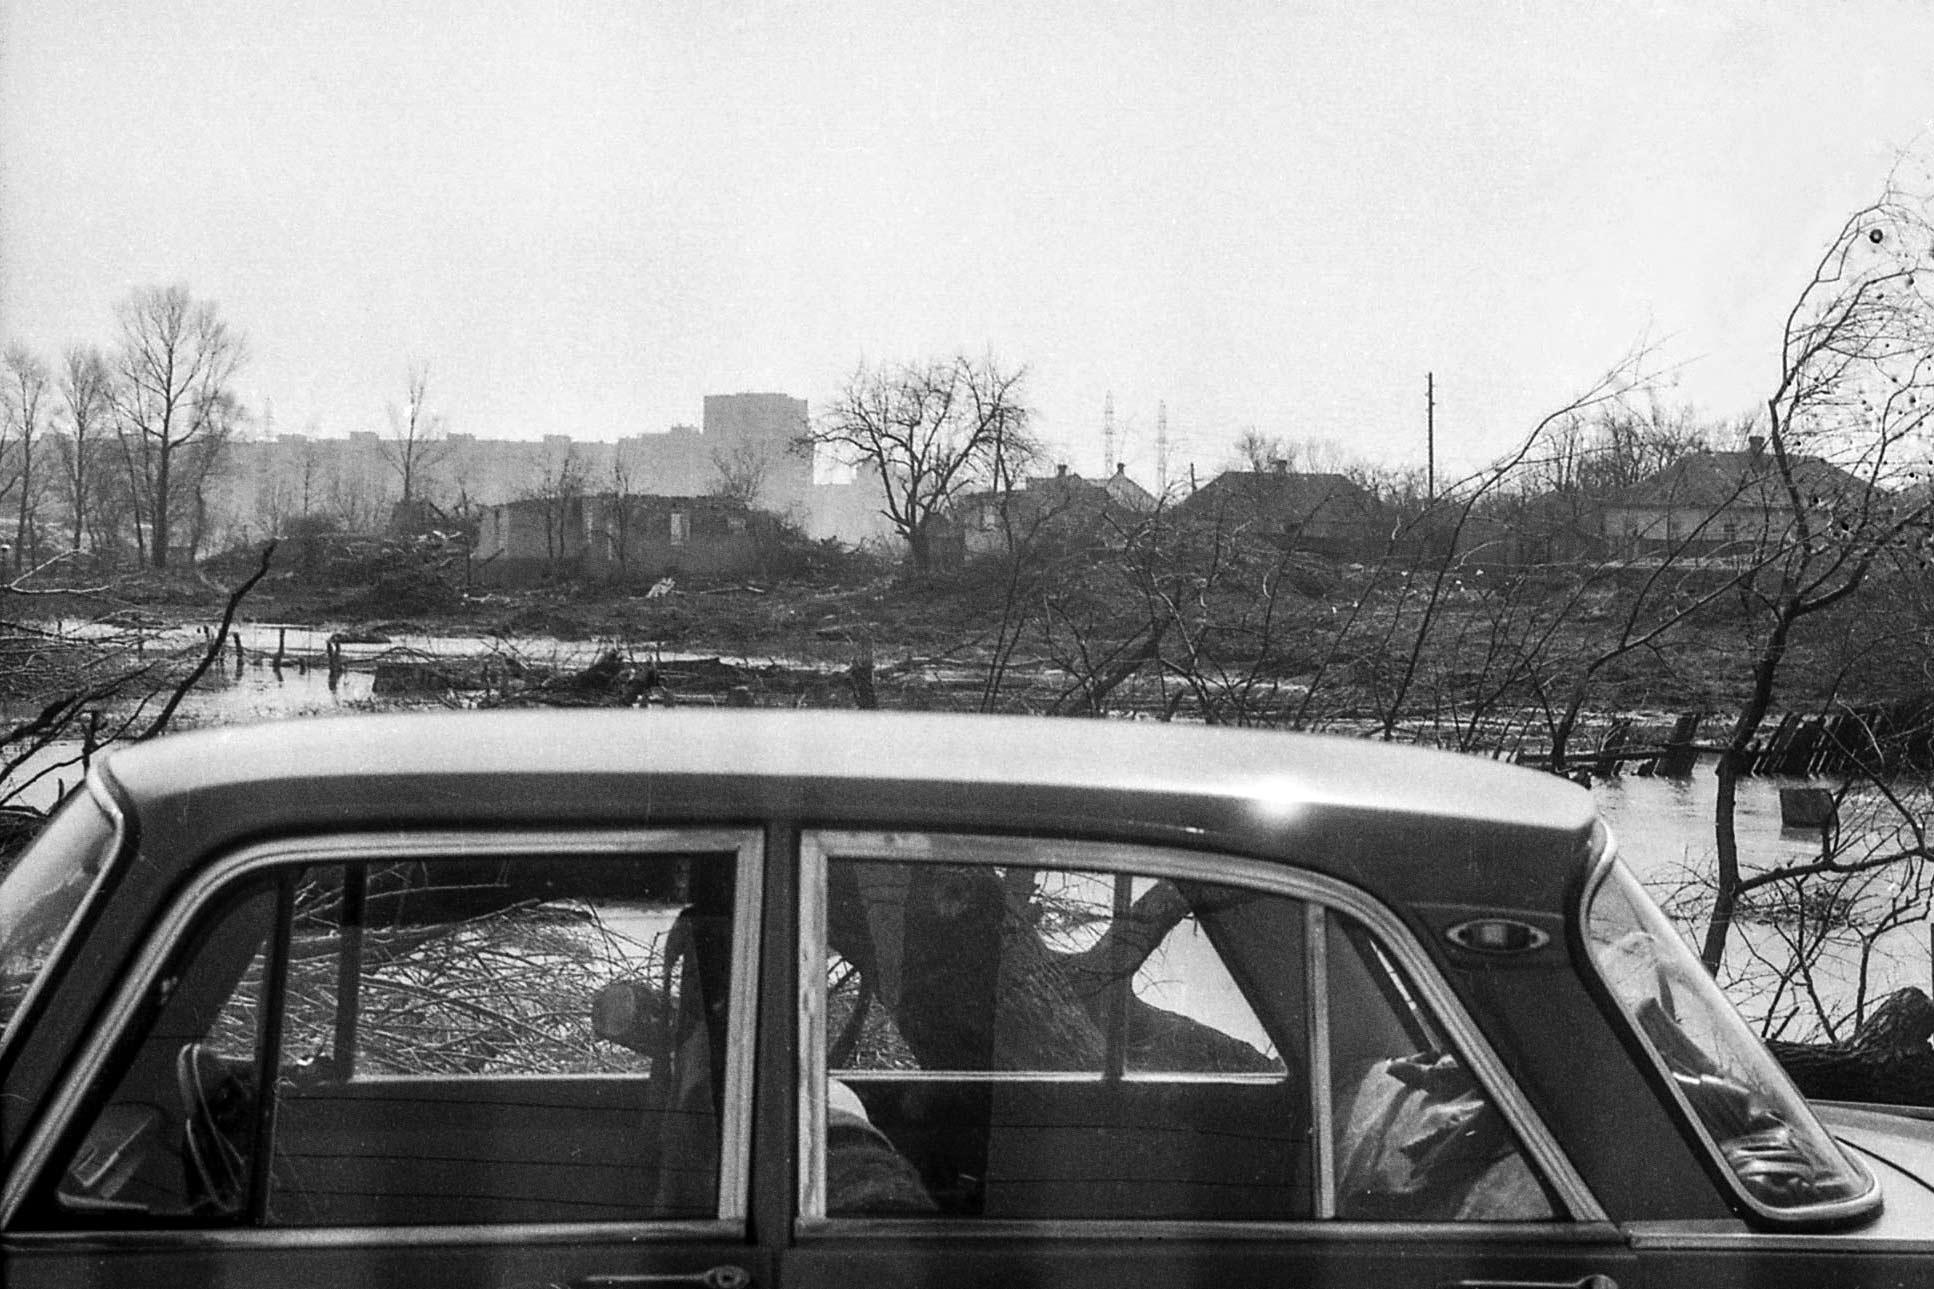 vygurovshina 1983 - <b>Ради массового жилья в Киеве уничтожили десятки поселений.</b> Рассказываем, как это было - Заборона